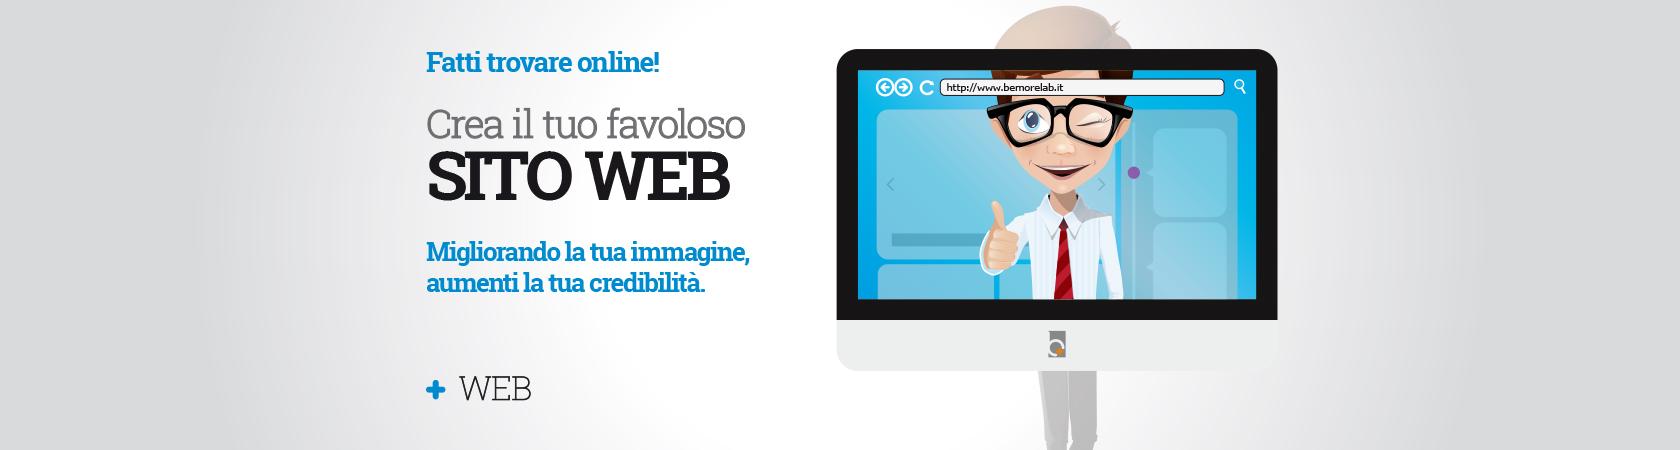 banner-offerta-sito-web-1